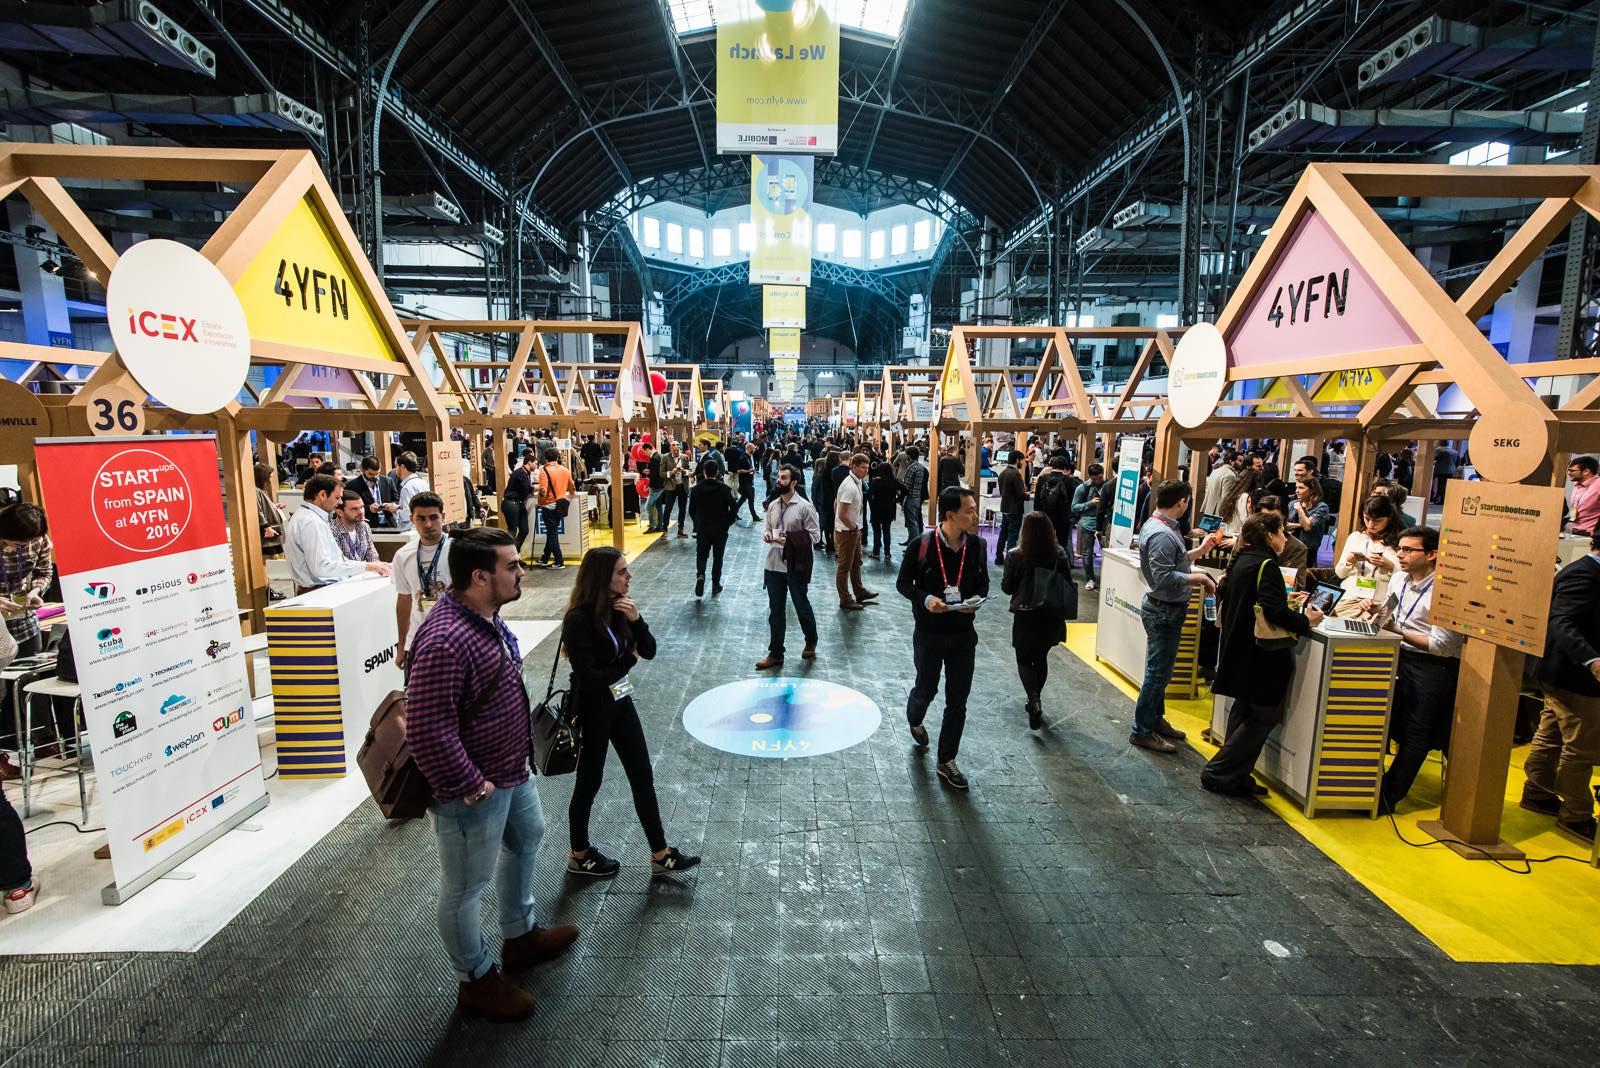 Las 5 startups que no puedes perder de vista en el 4YFN 2019